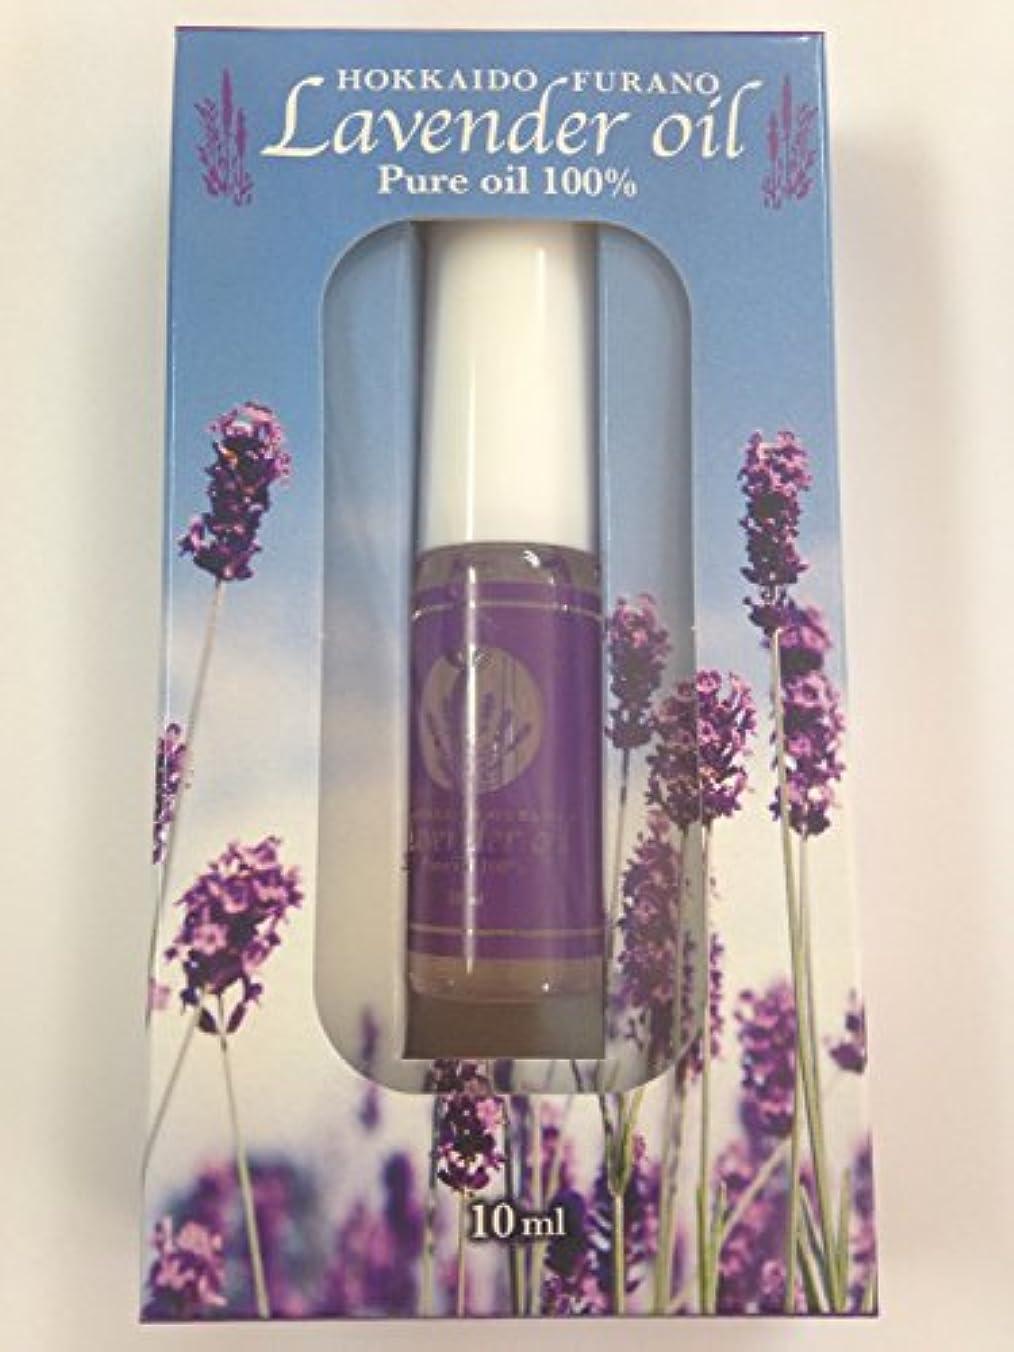 精神医学愛私たちのもの北海道◆ラベンダー天然精油100%?10ml<水蒸気蒸留法>Lavender oil